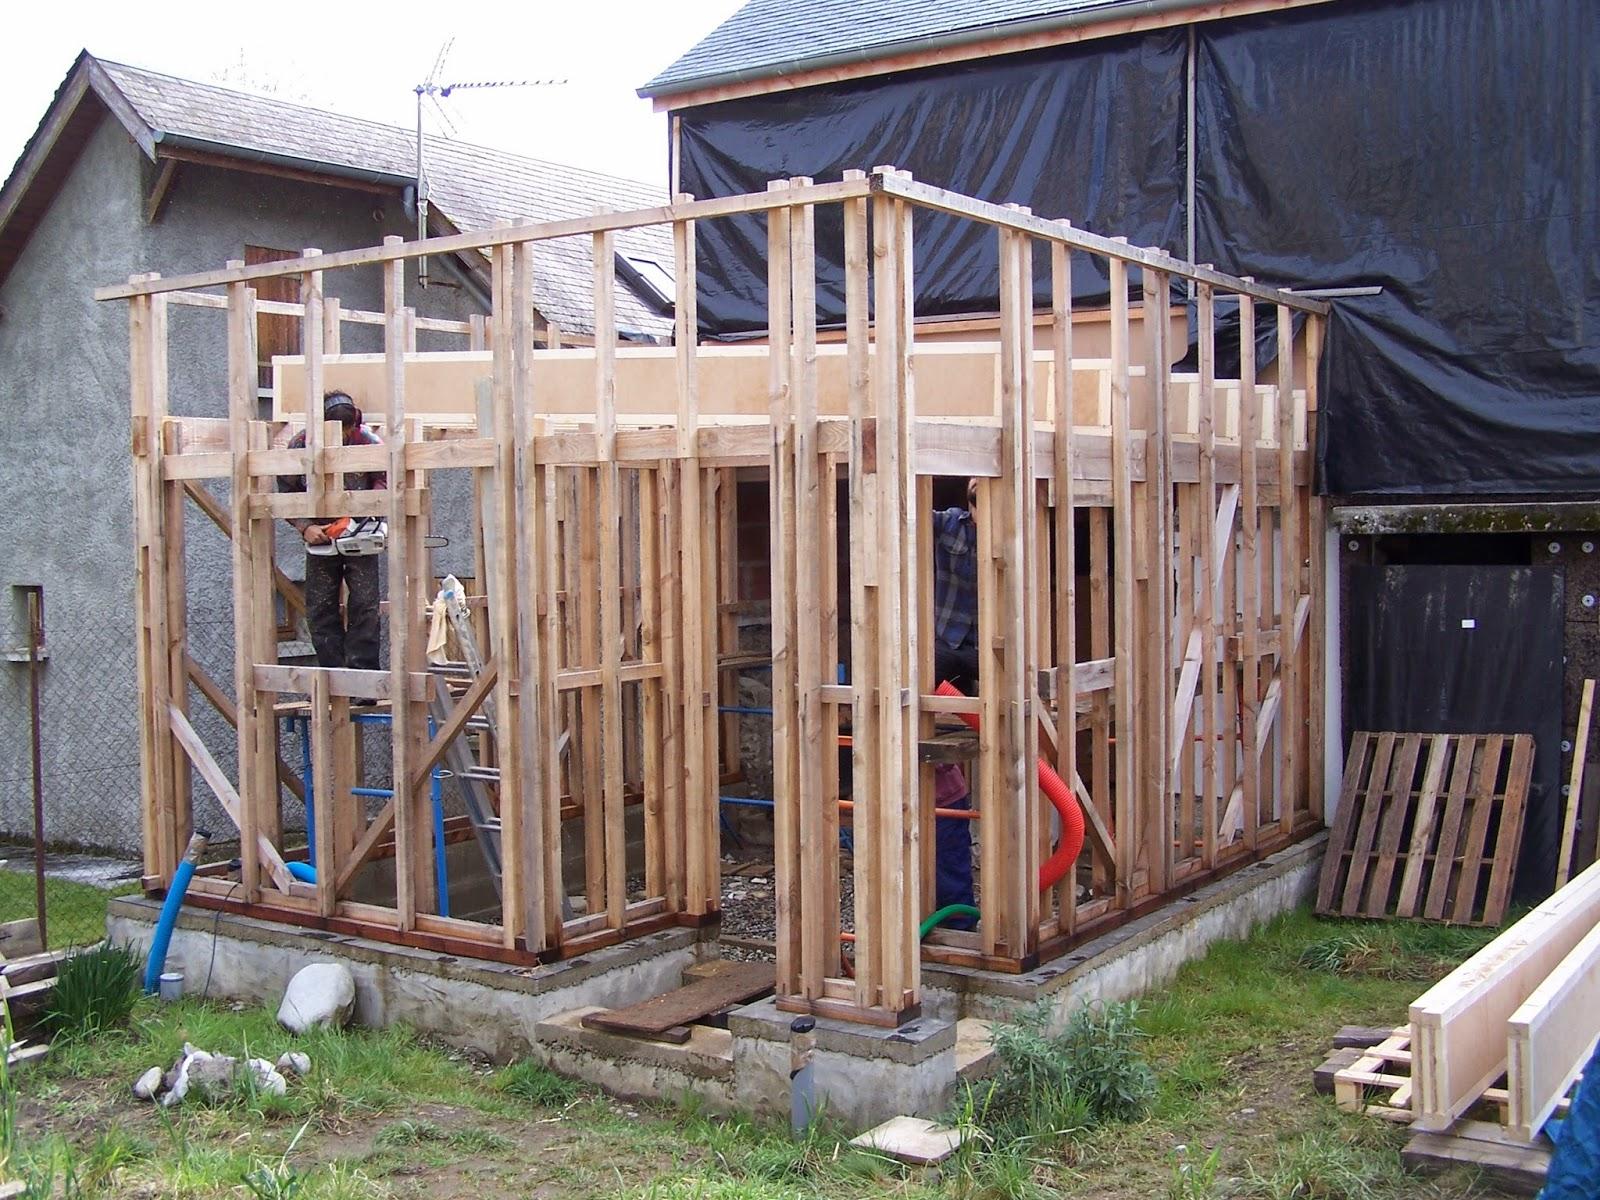 La petite maison du fond avril 2014 - Poutre espace ...